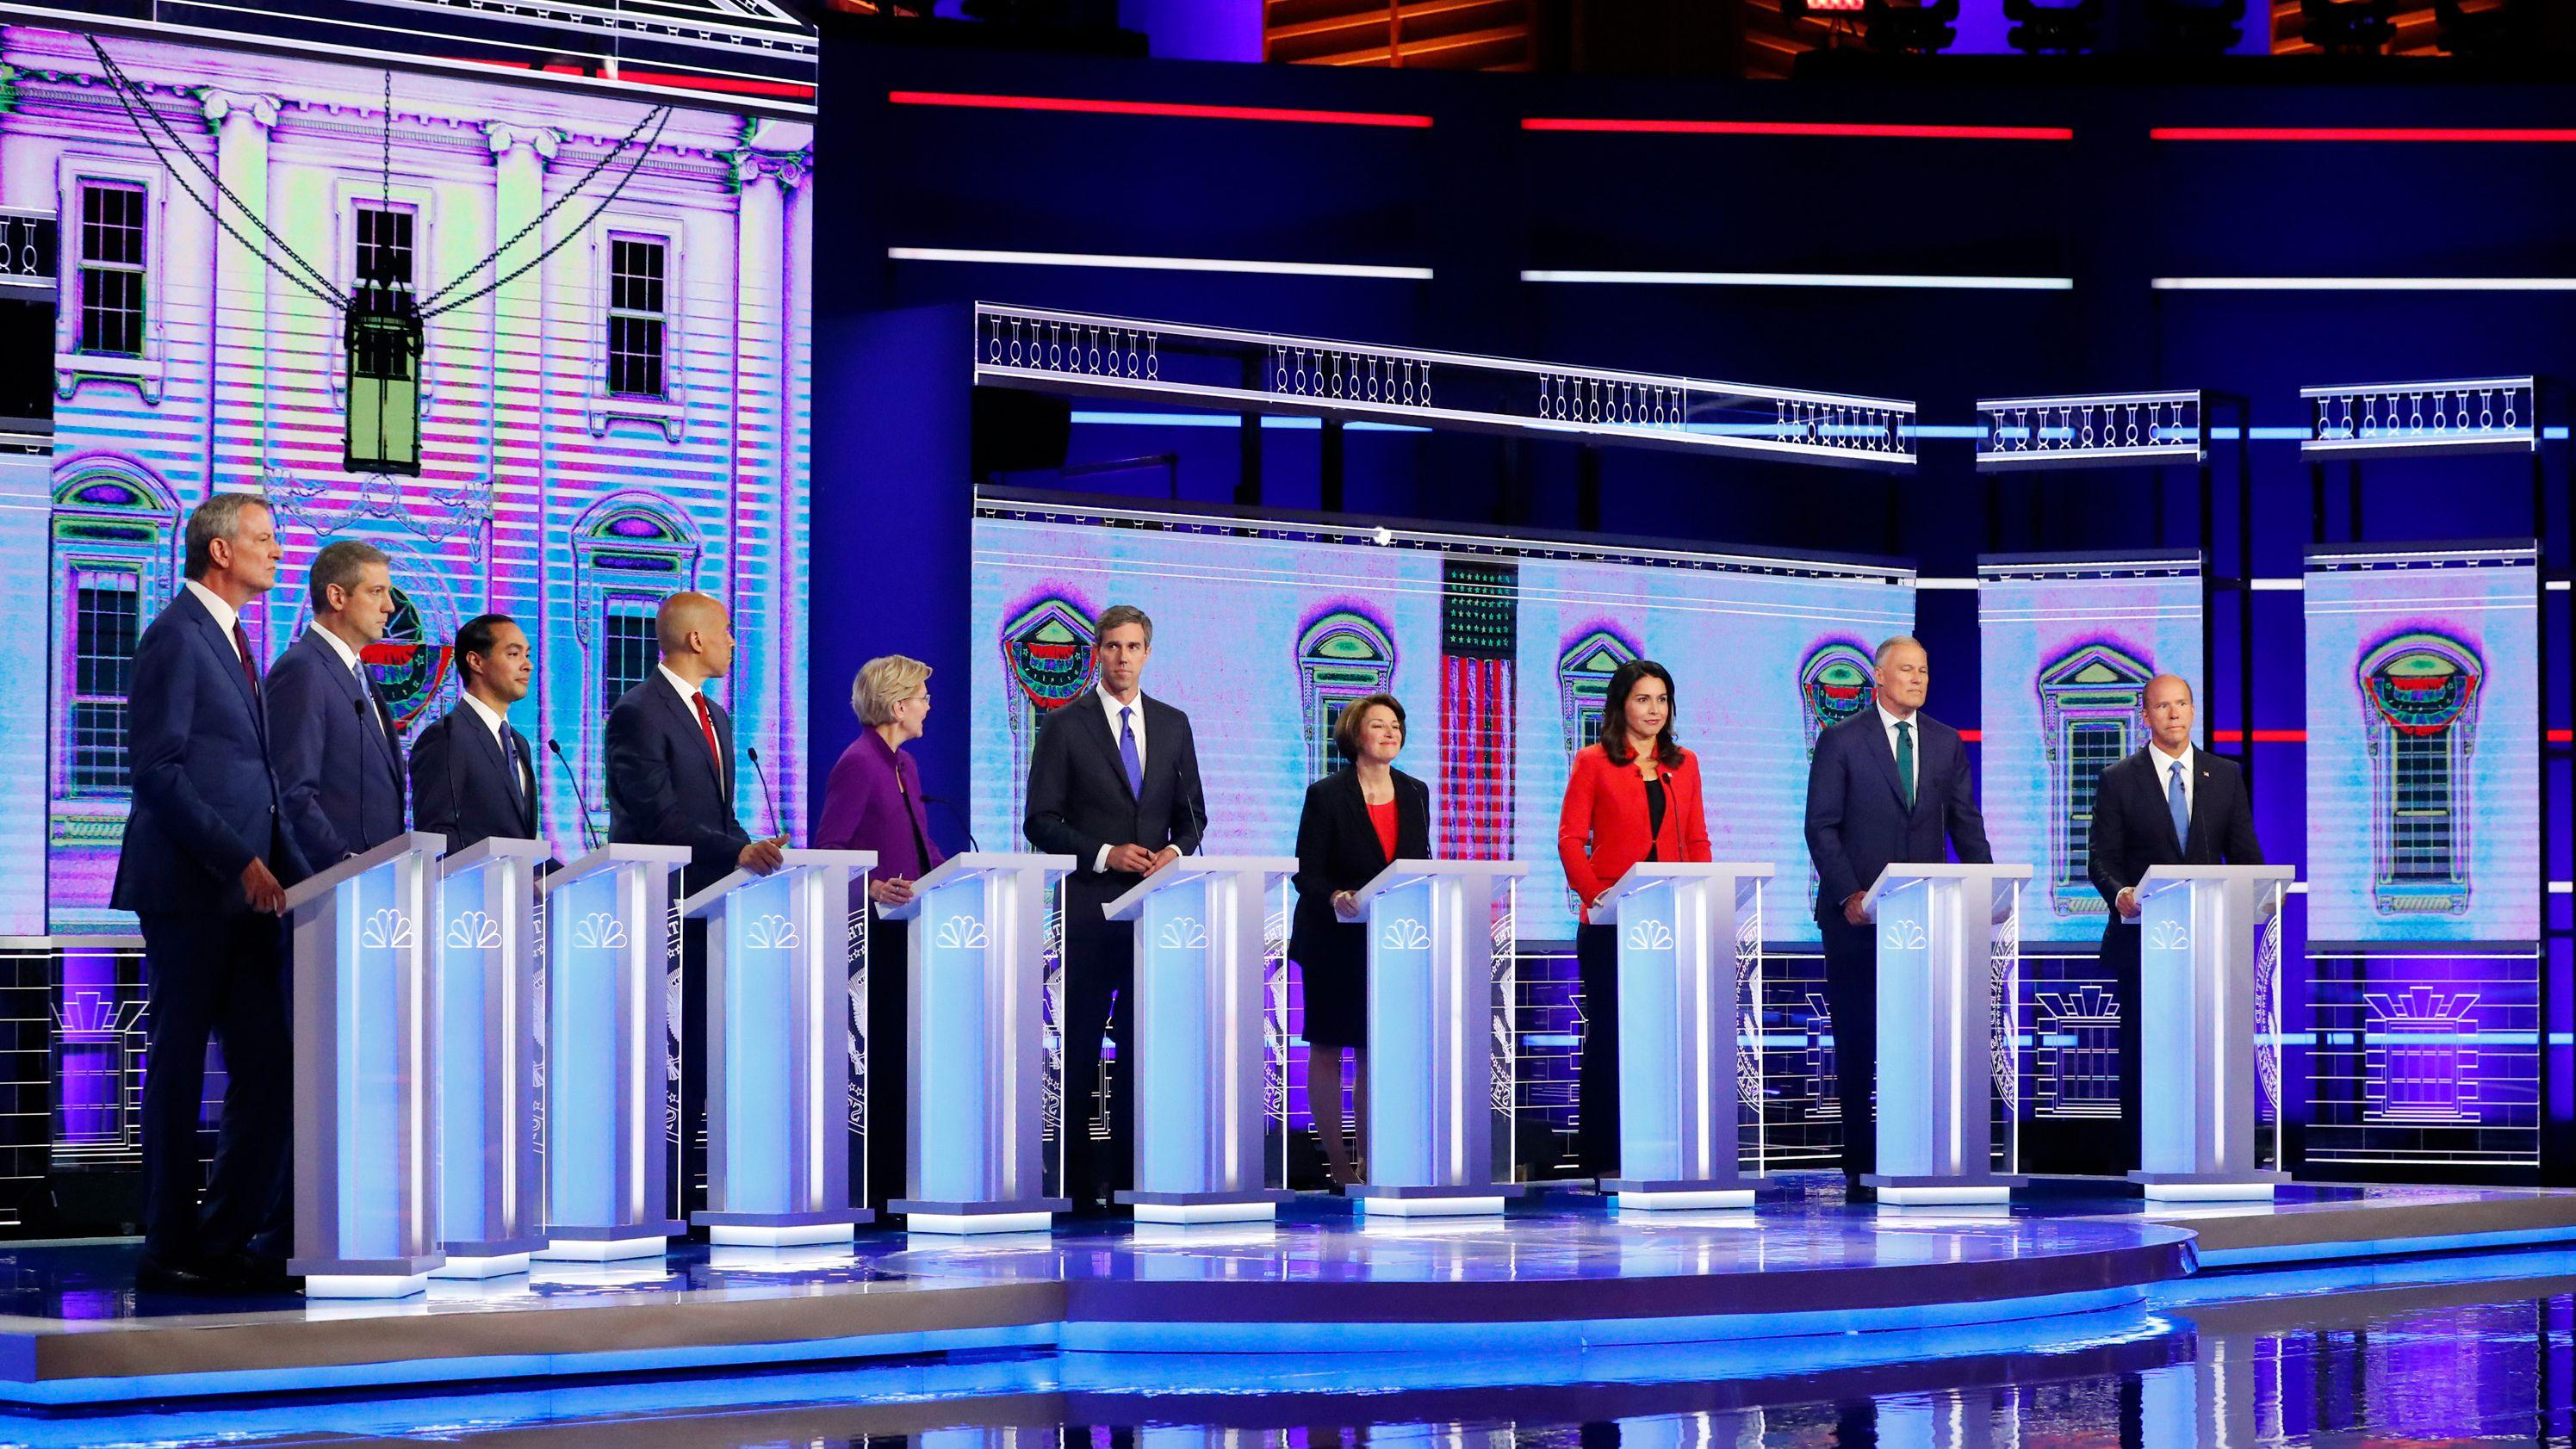 気候変動にどう取り組むのか?米大統領候補への7つの質問